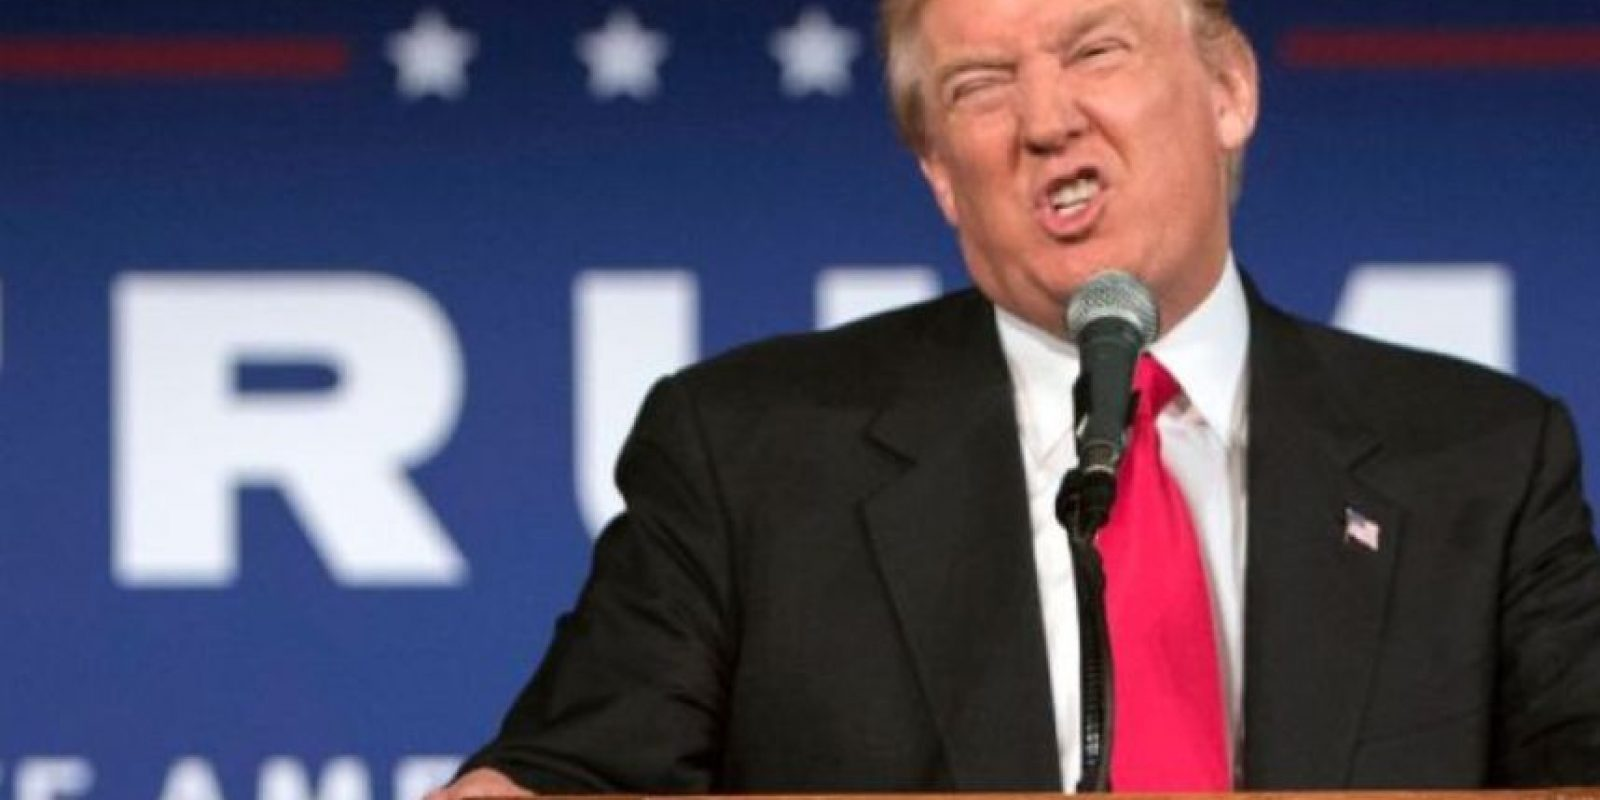 Donald Trump se burló de la discapacidad de Serge Kovaleski. Foto:Vía Youtube